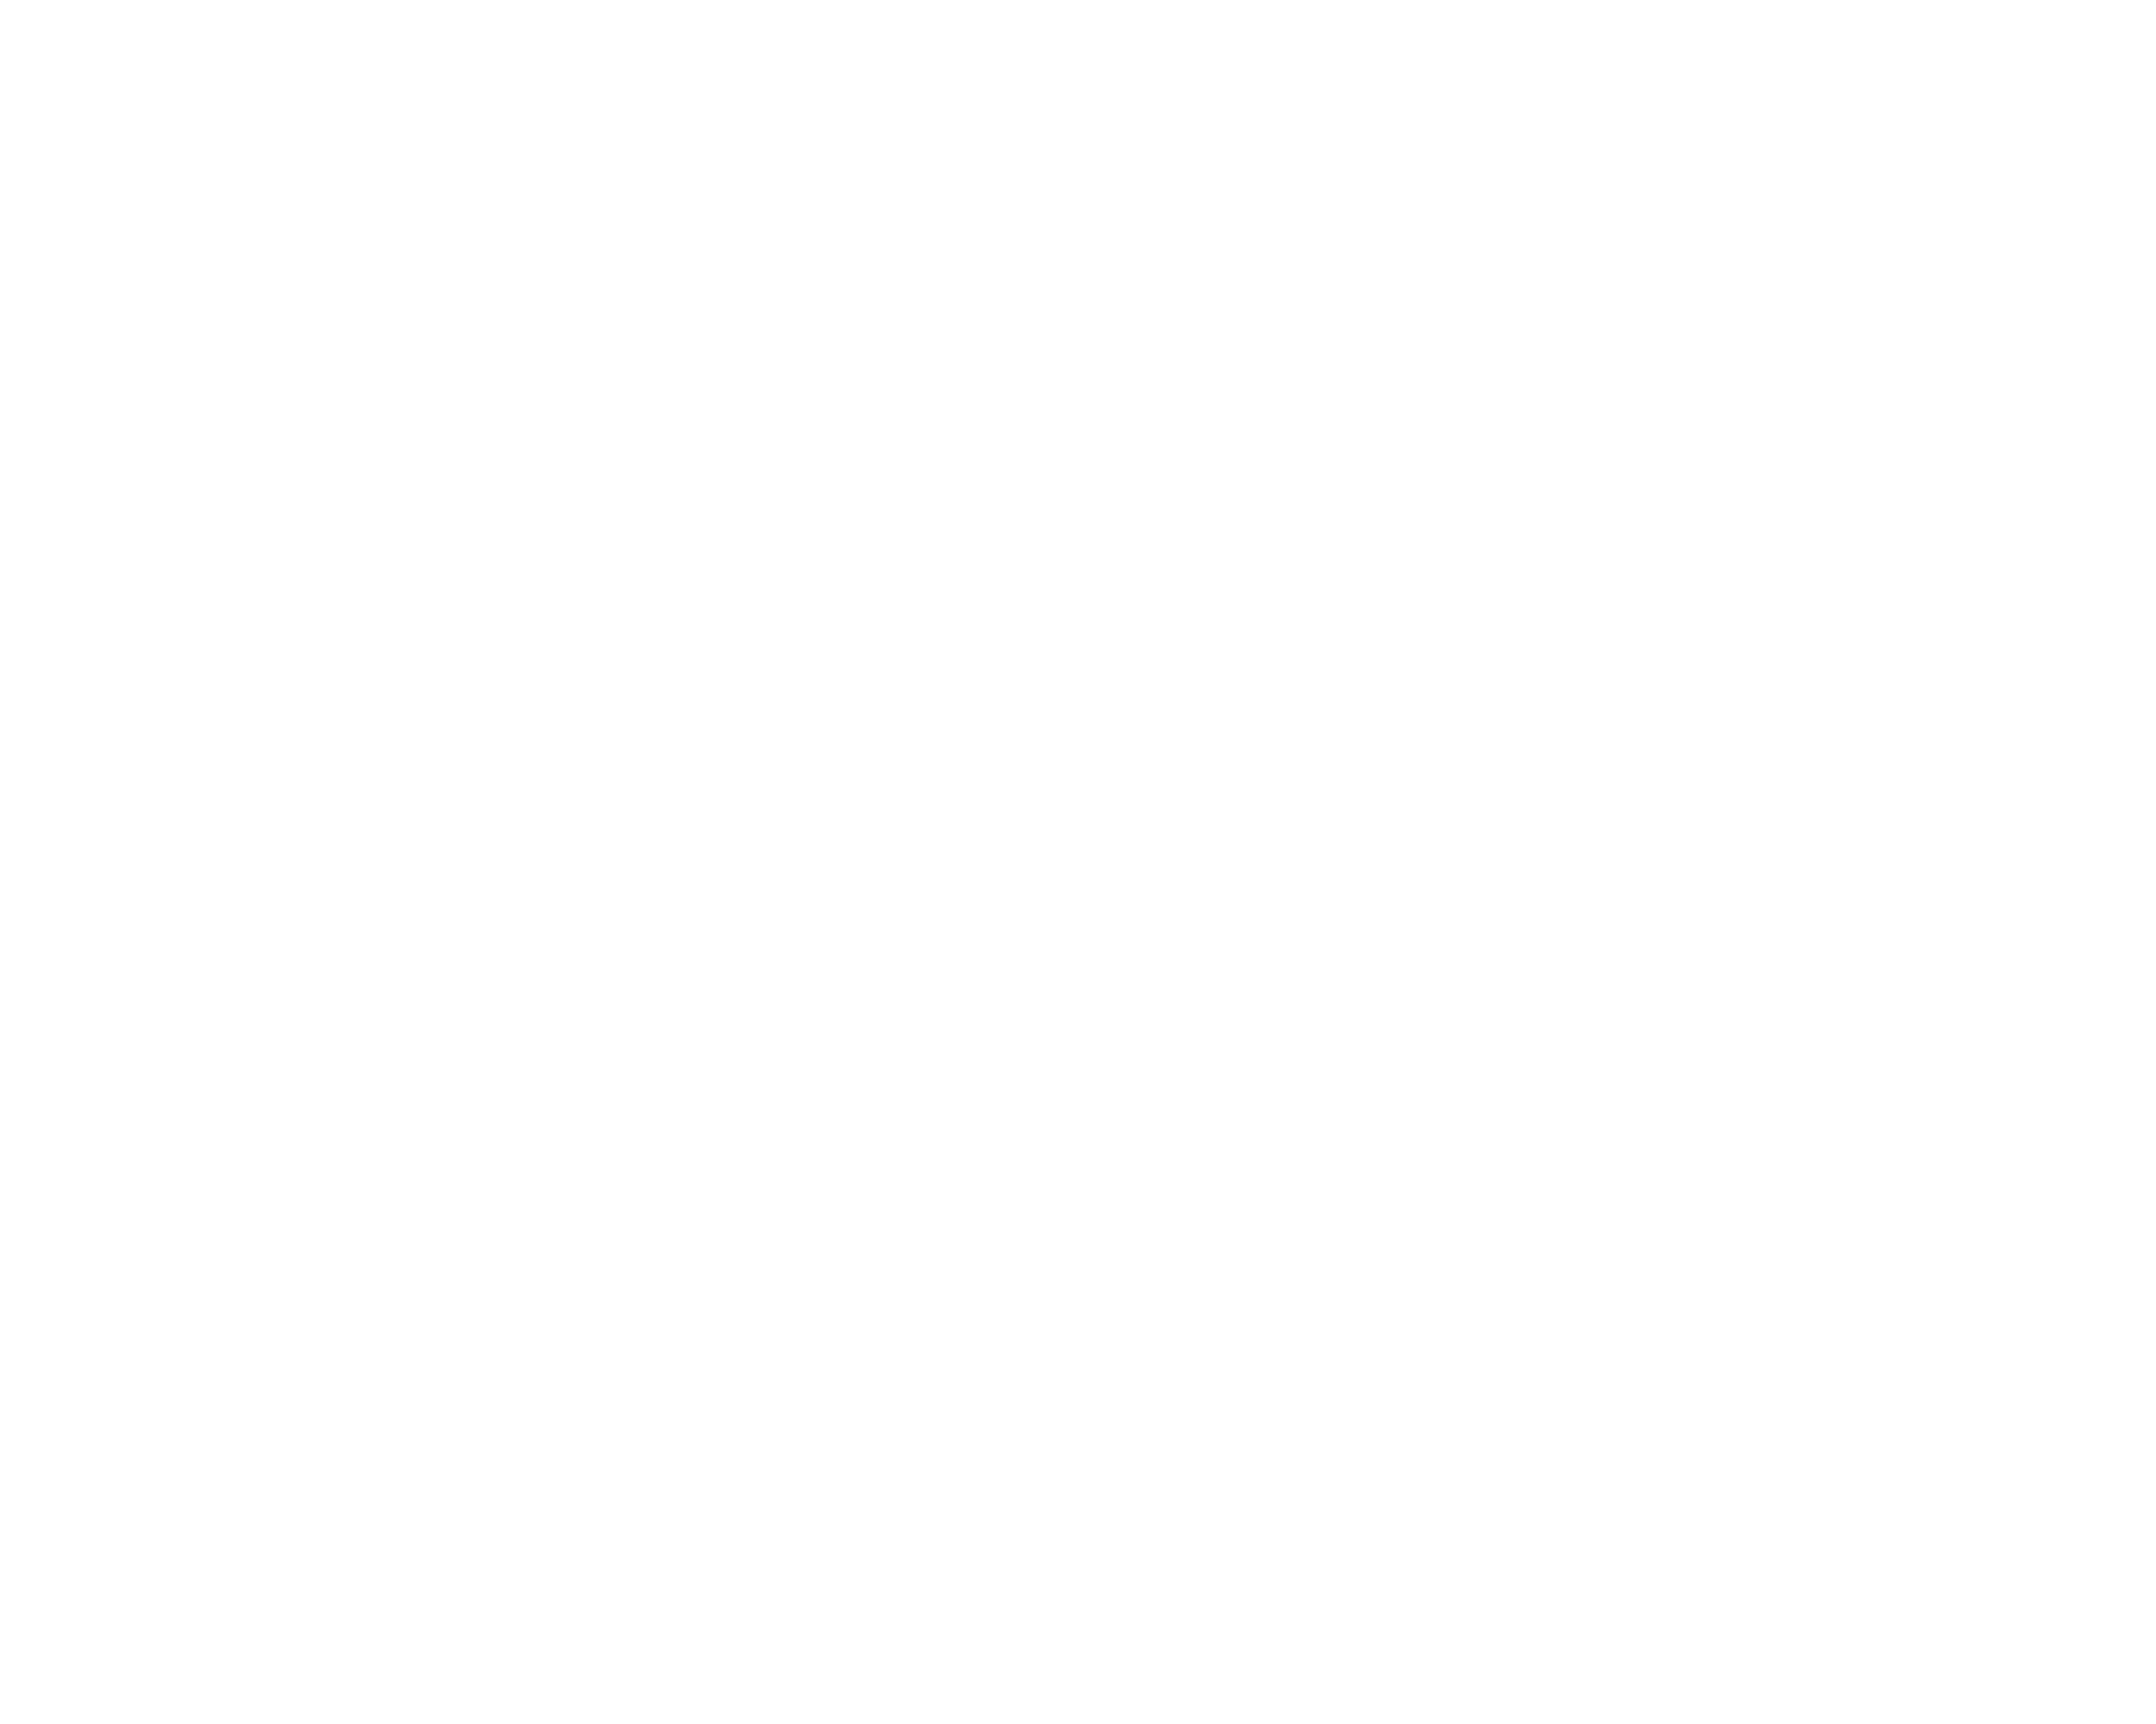 LakeMed